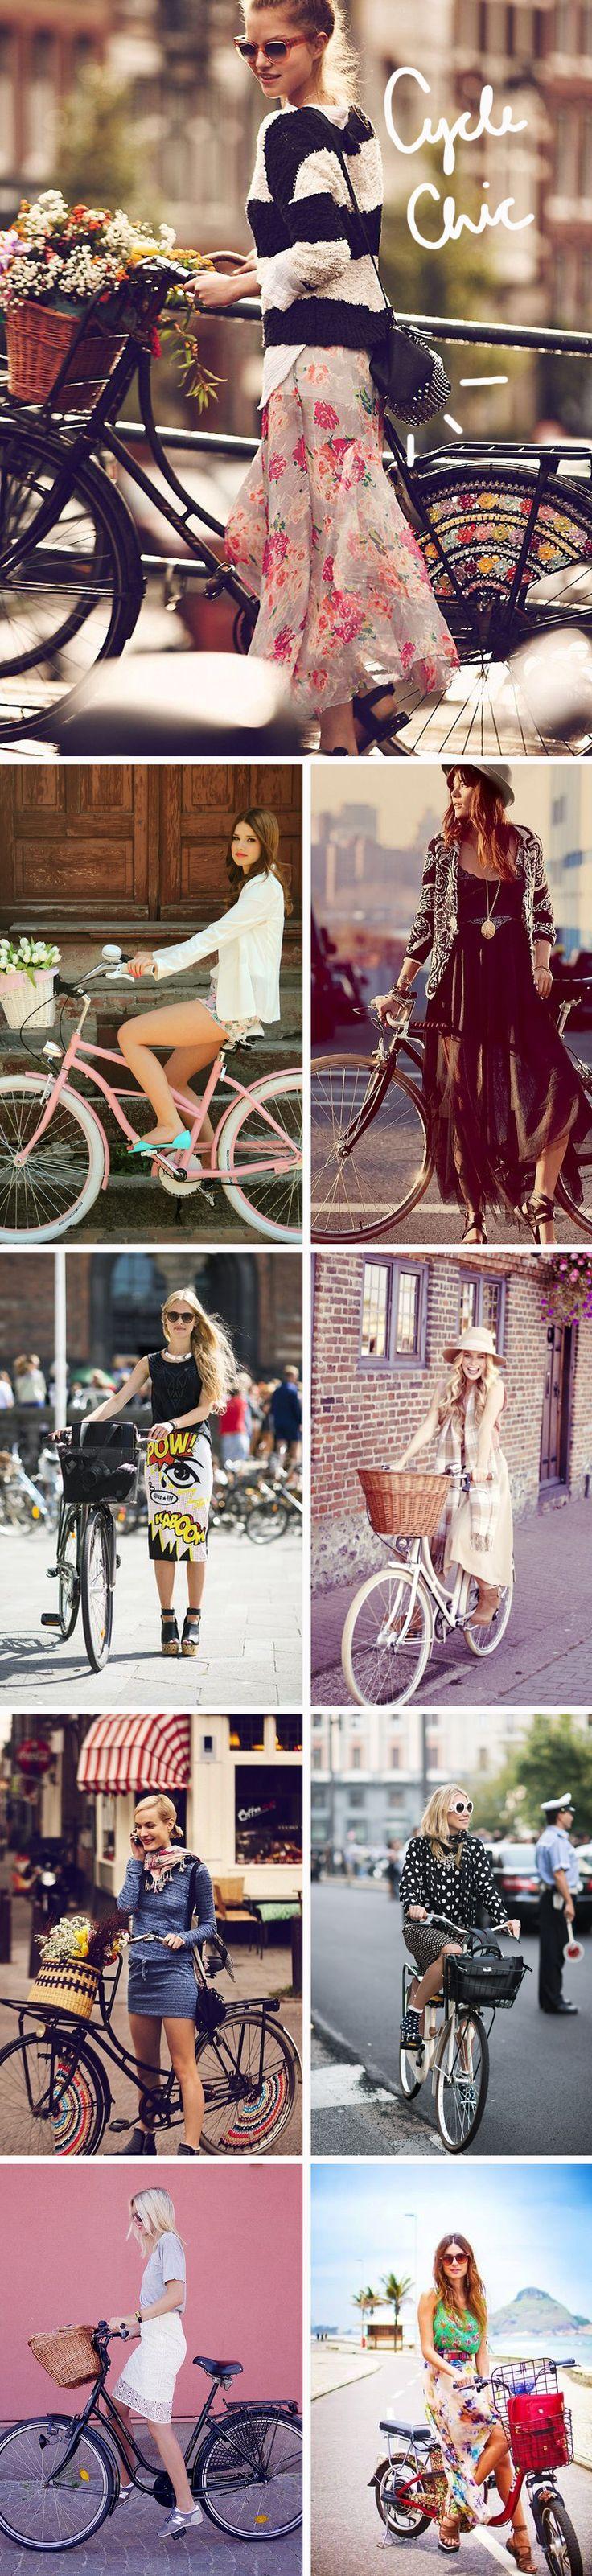 Estilo Cycle Chic, para quem adora andar de bicicleta bem vestido www.meninait.com